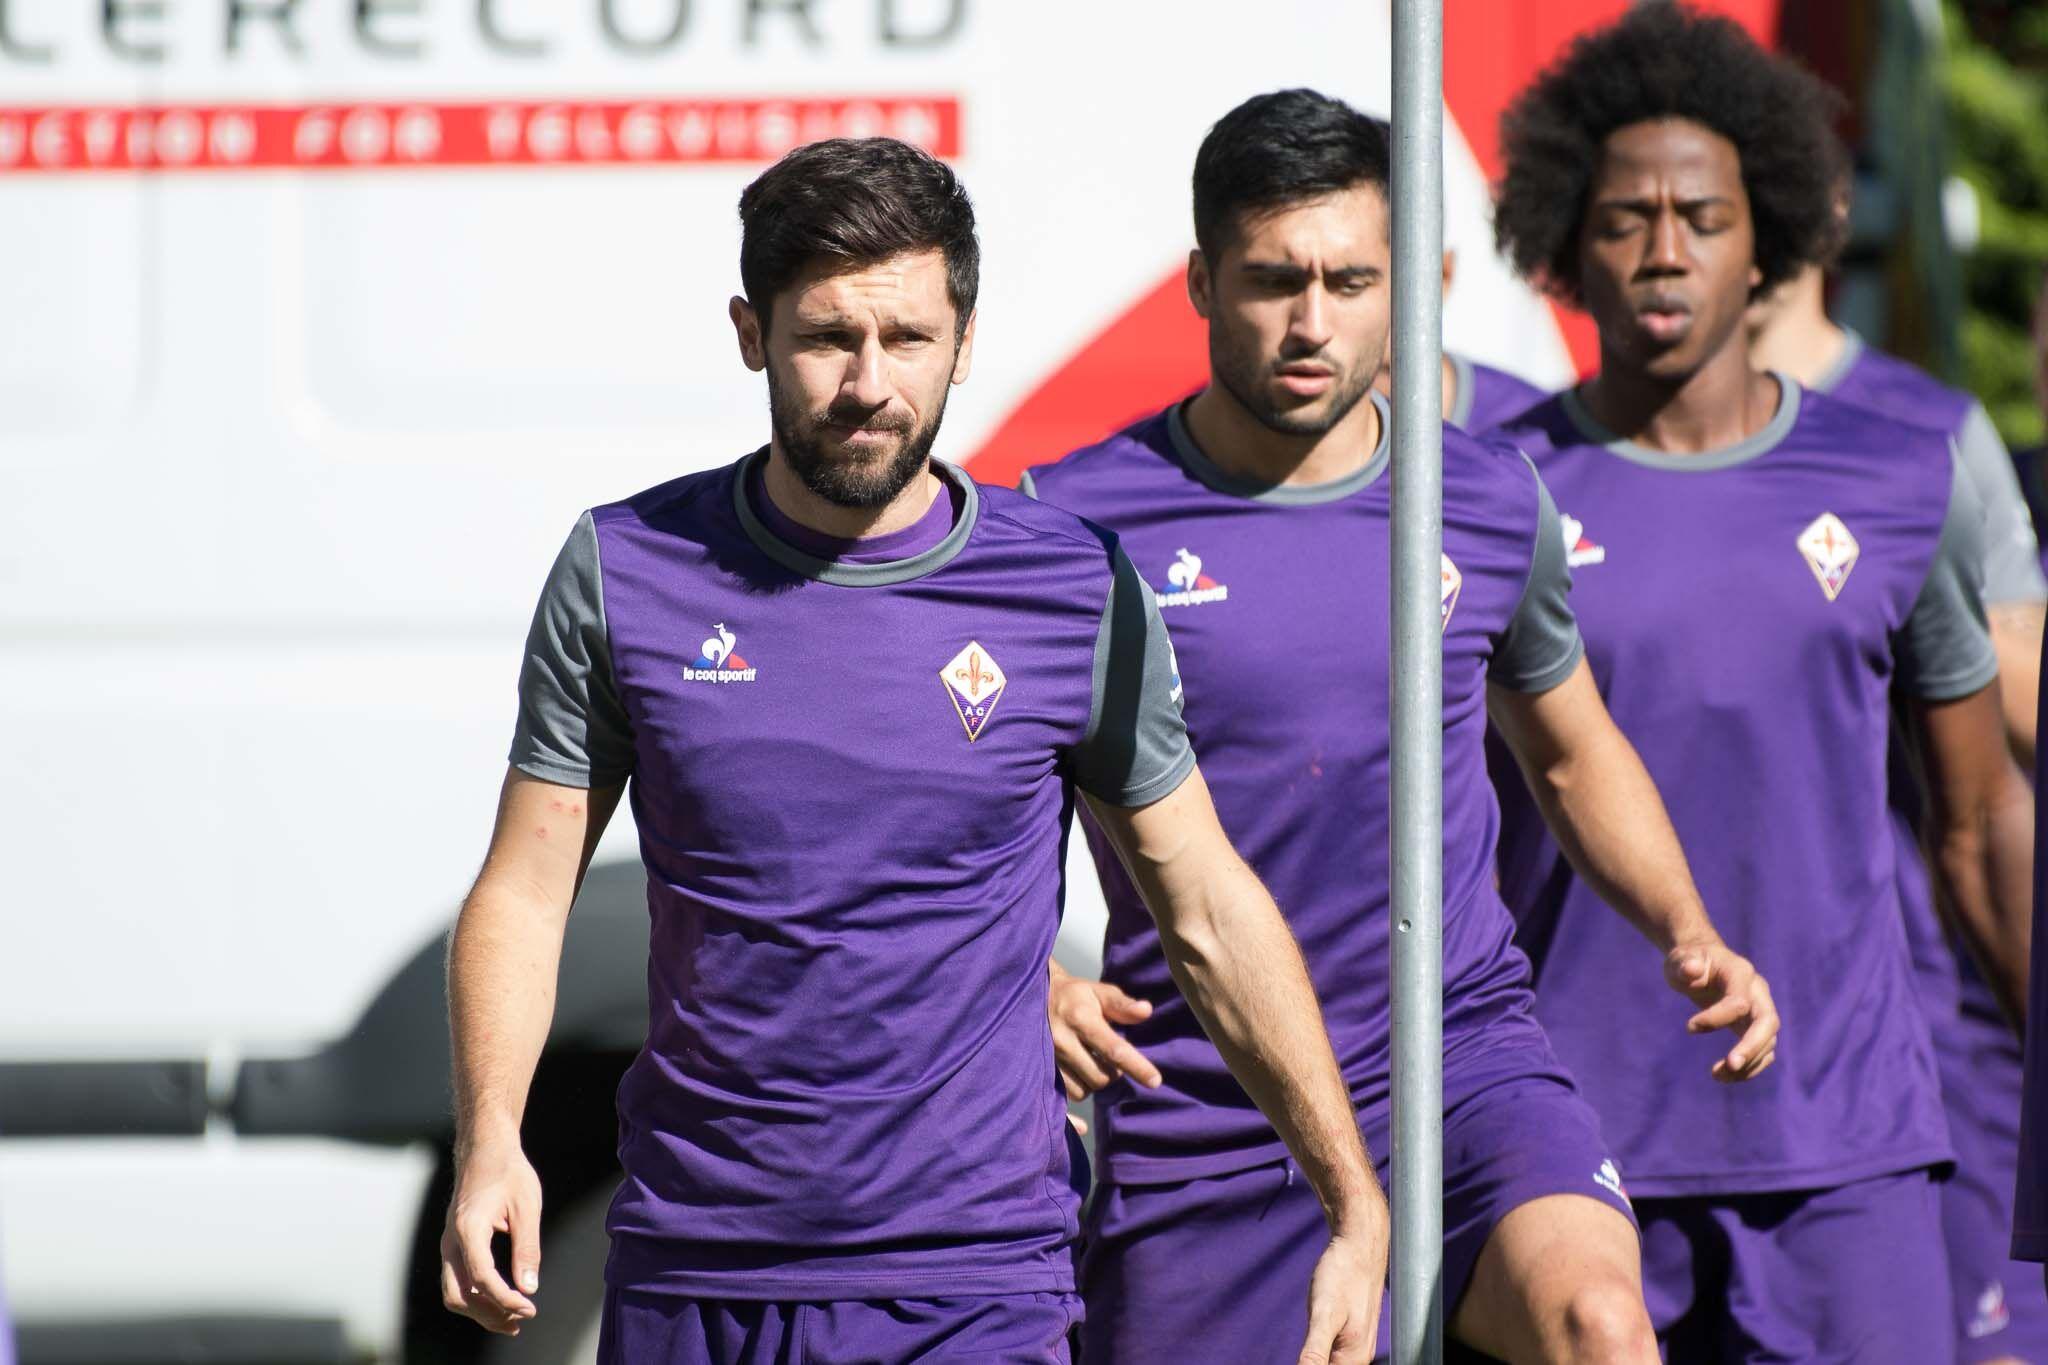 """Milic saluta la Fiorentina: """"È stato un grande anno a Firenze. Grazie a tutti i tifosi viola per il supporto"""""""